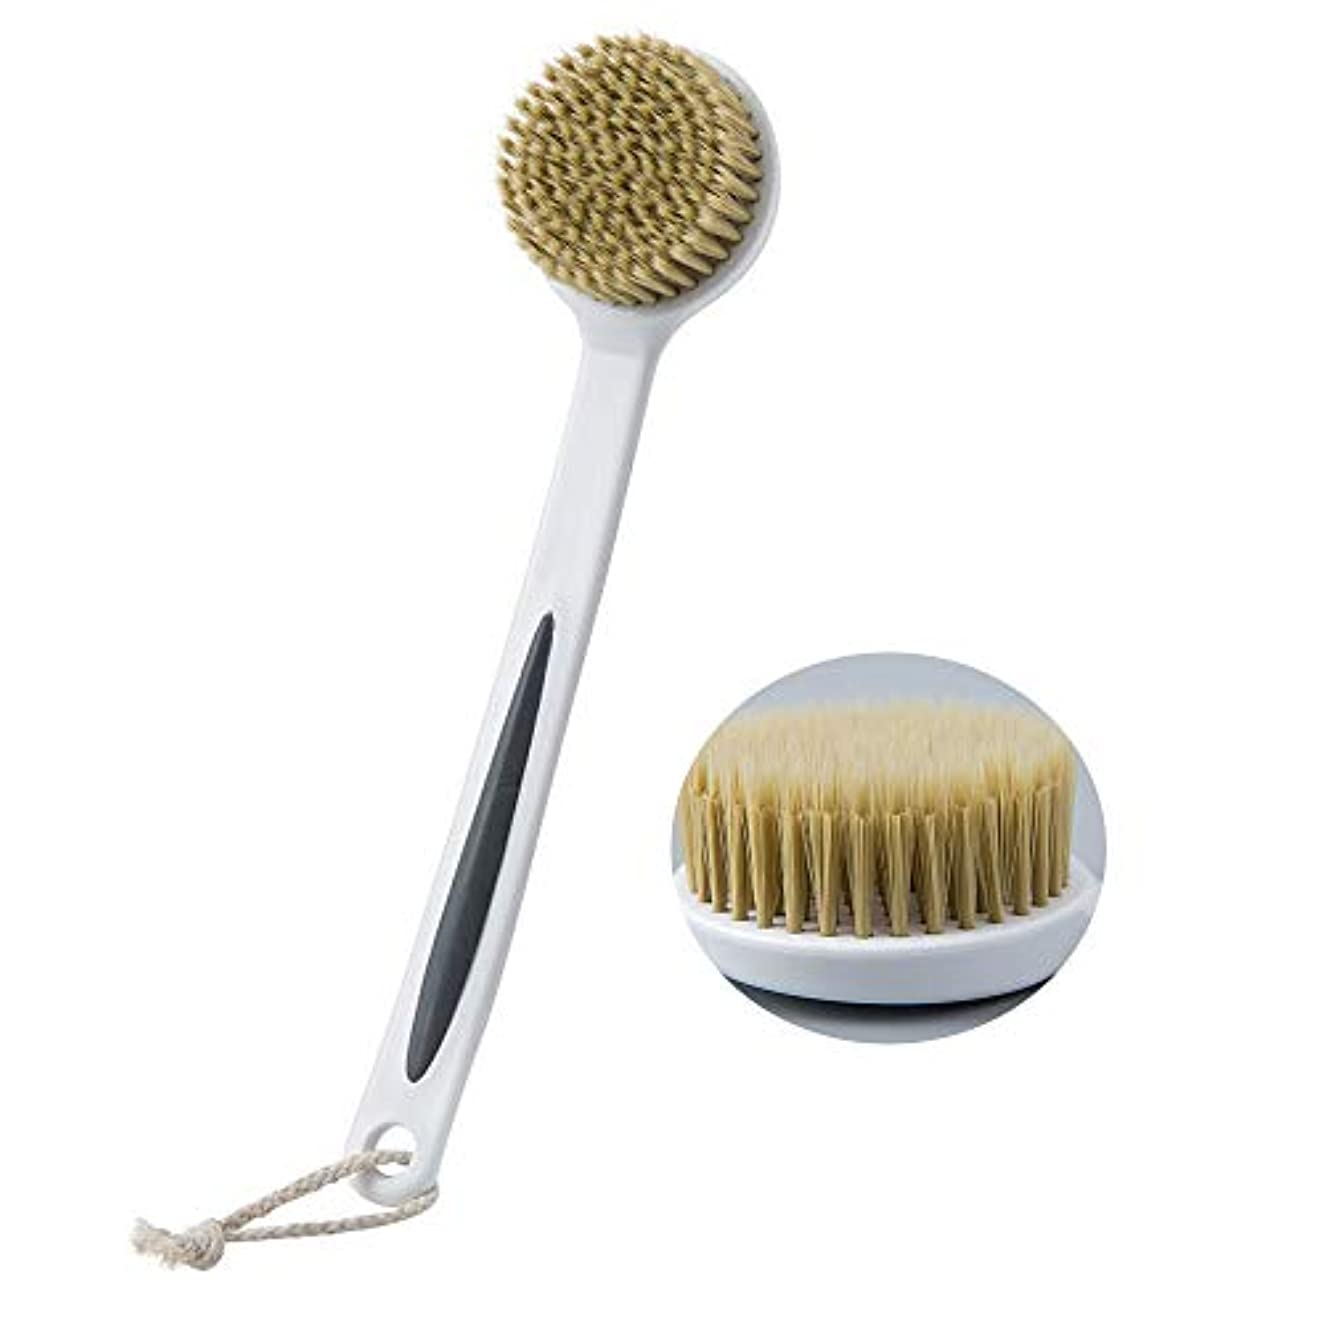 足枷モチーフトラフ濡れたまたは乾いた多機能シャワーボディブラシ強力な洗浄スクラバーと超柔らかいブリスティと長いハンドルが、角質を取り除きますセルライトの血液循環を助けます